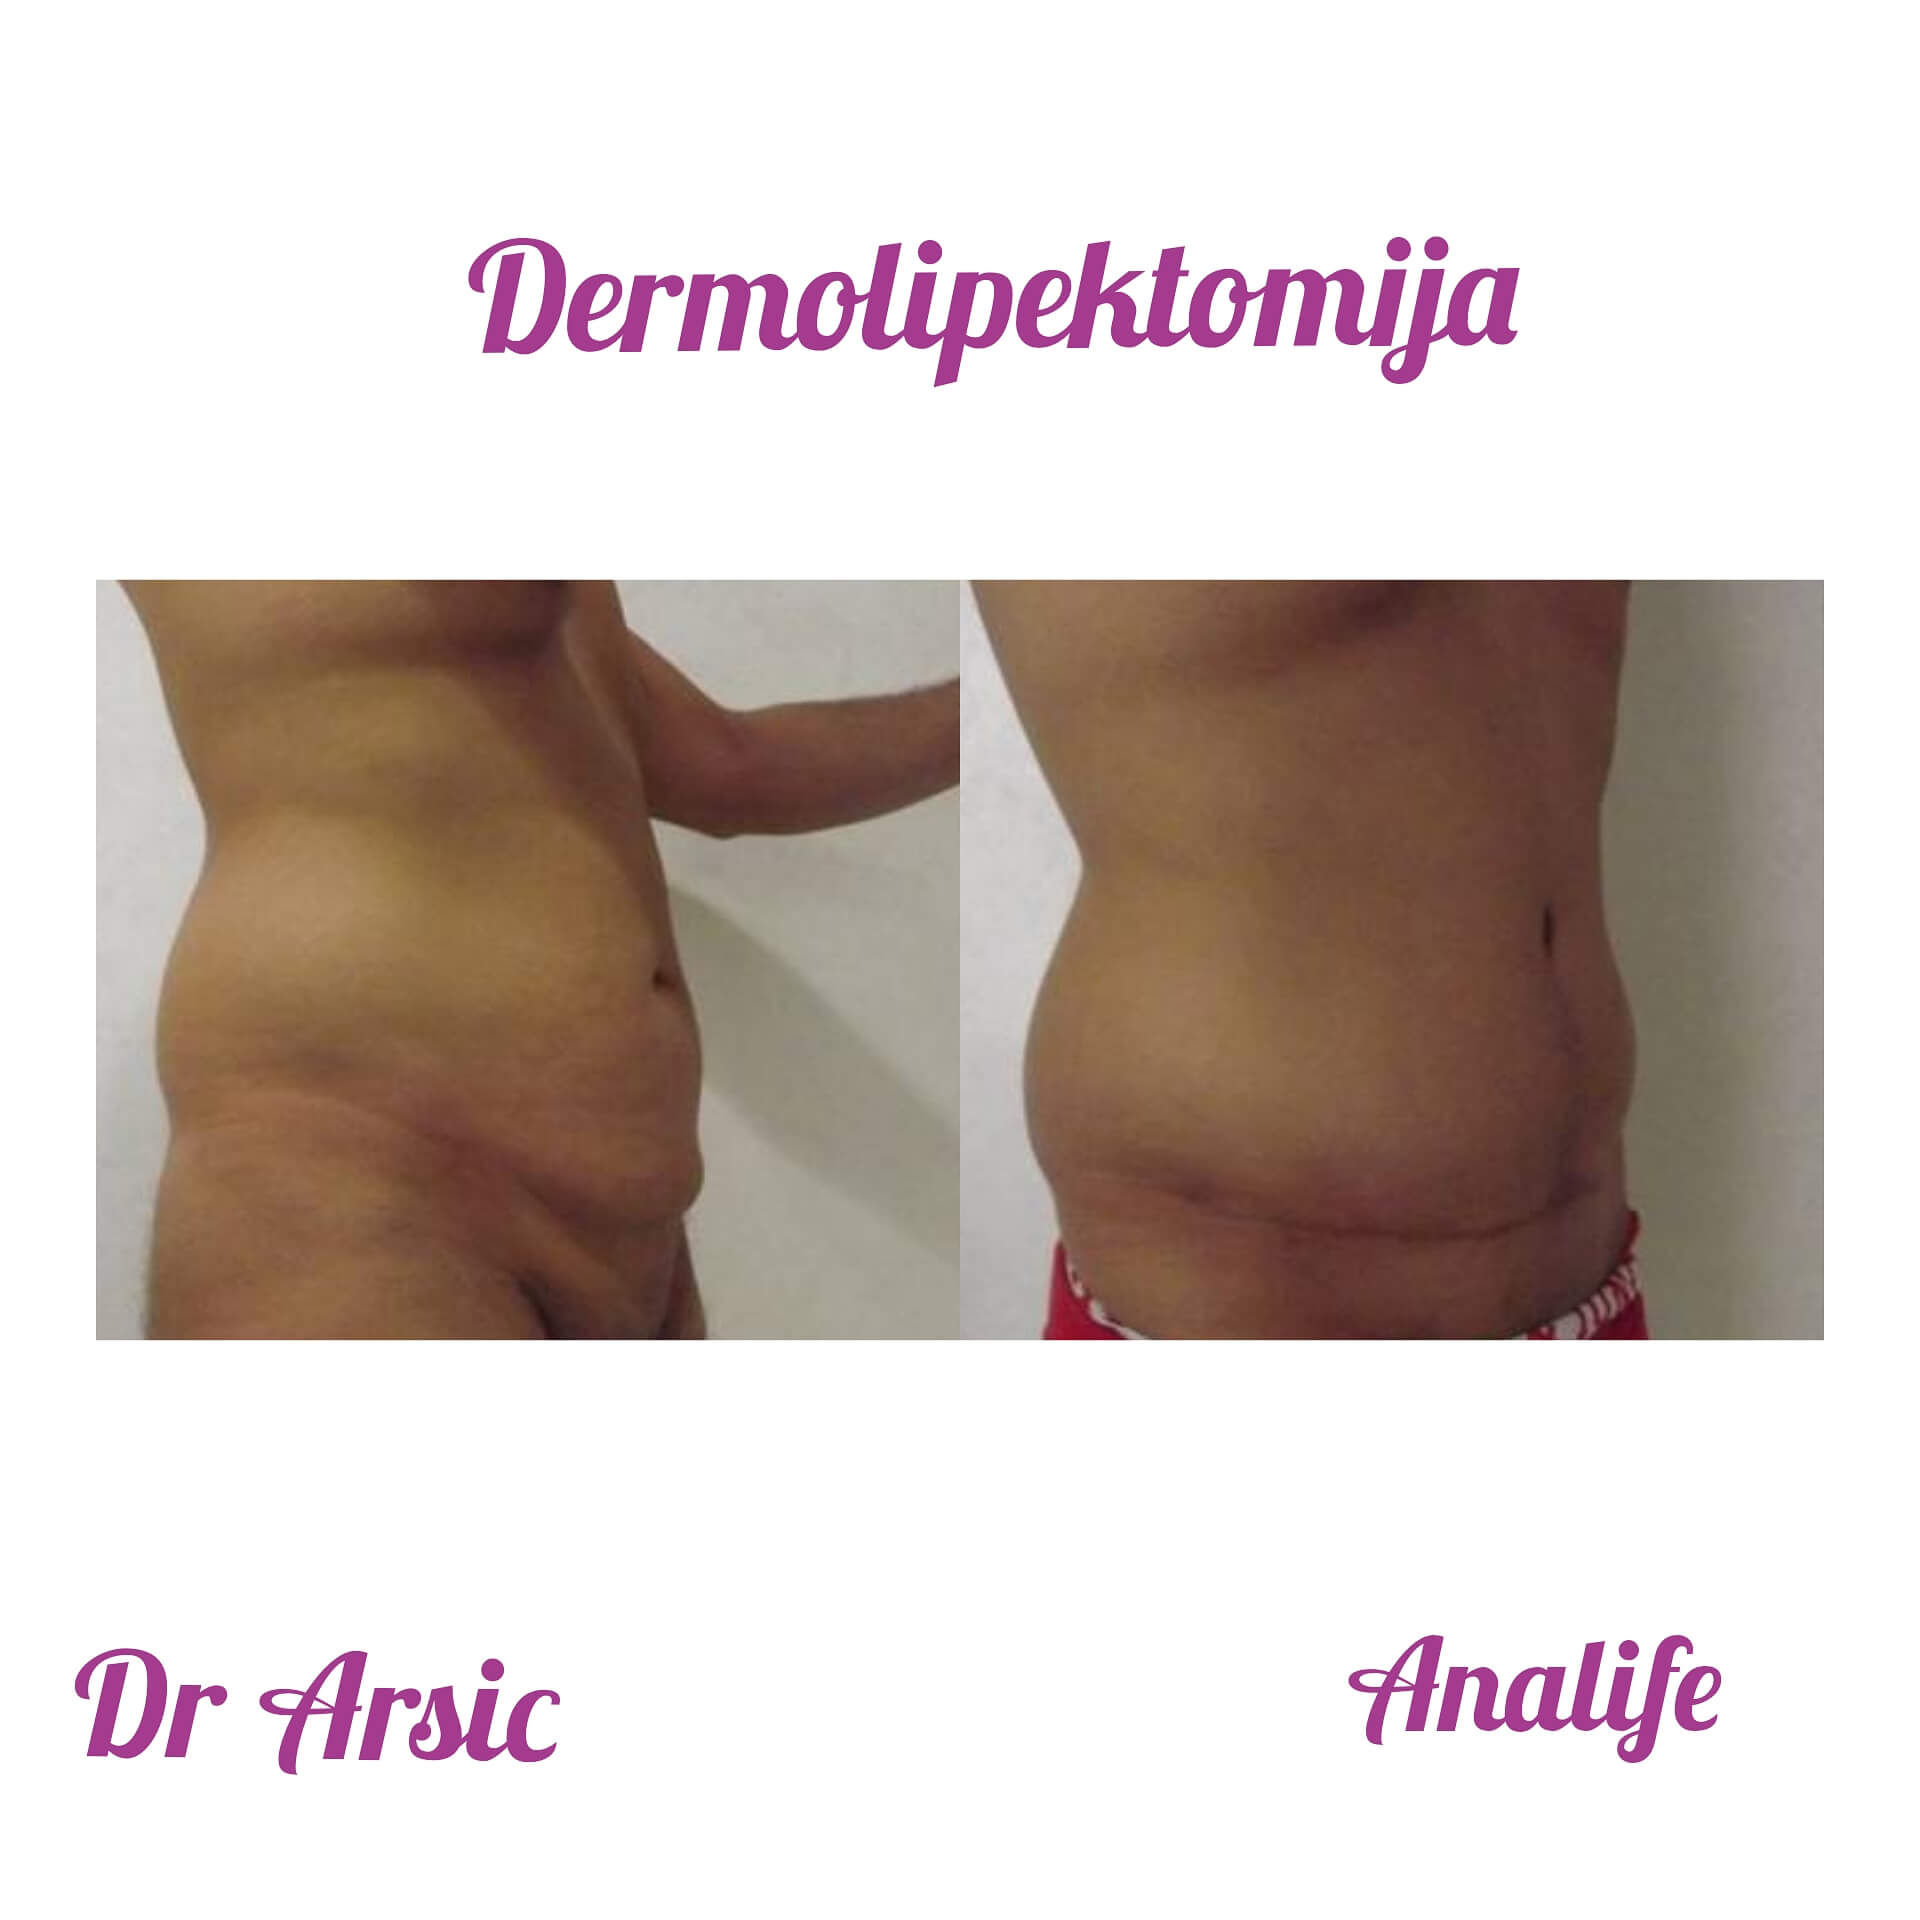 Dermolipektomija